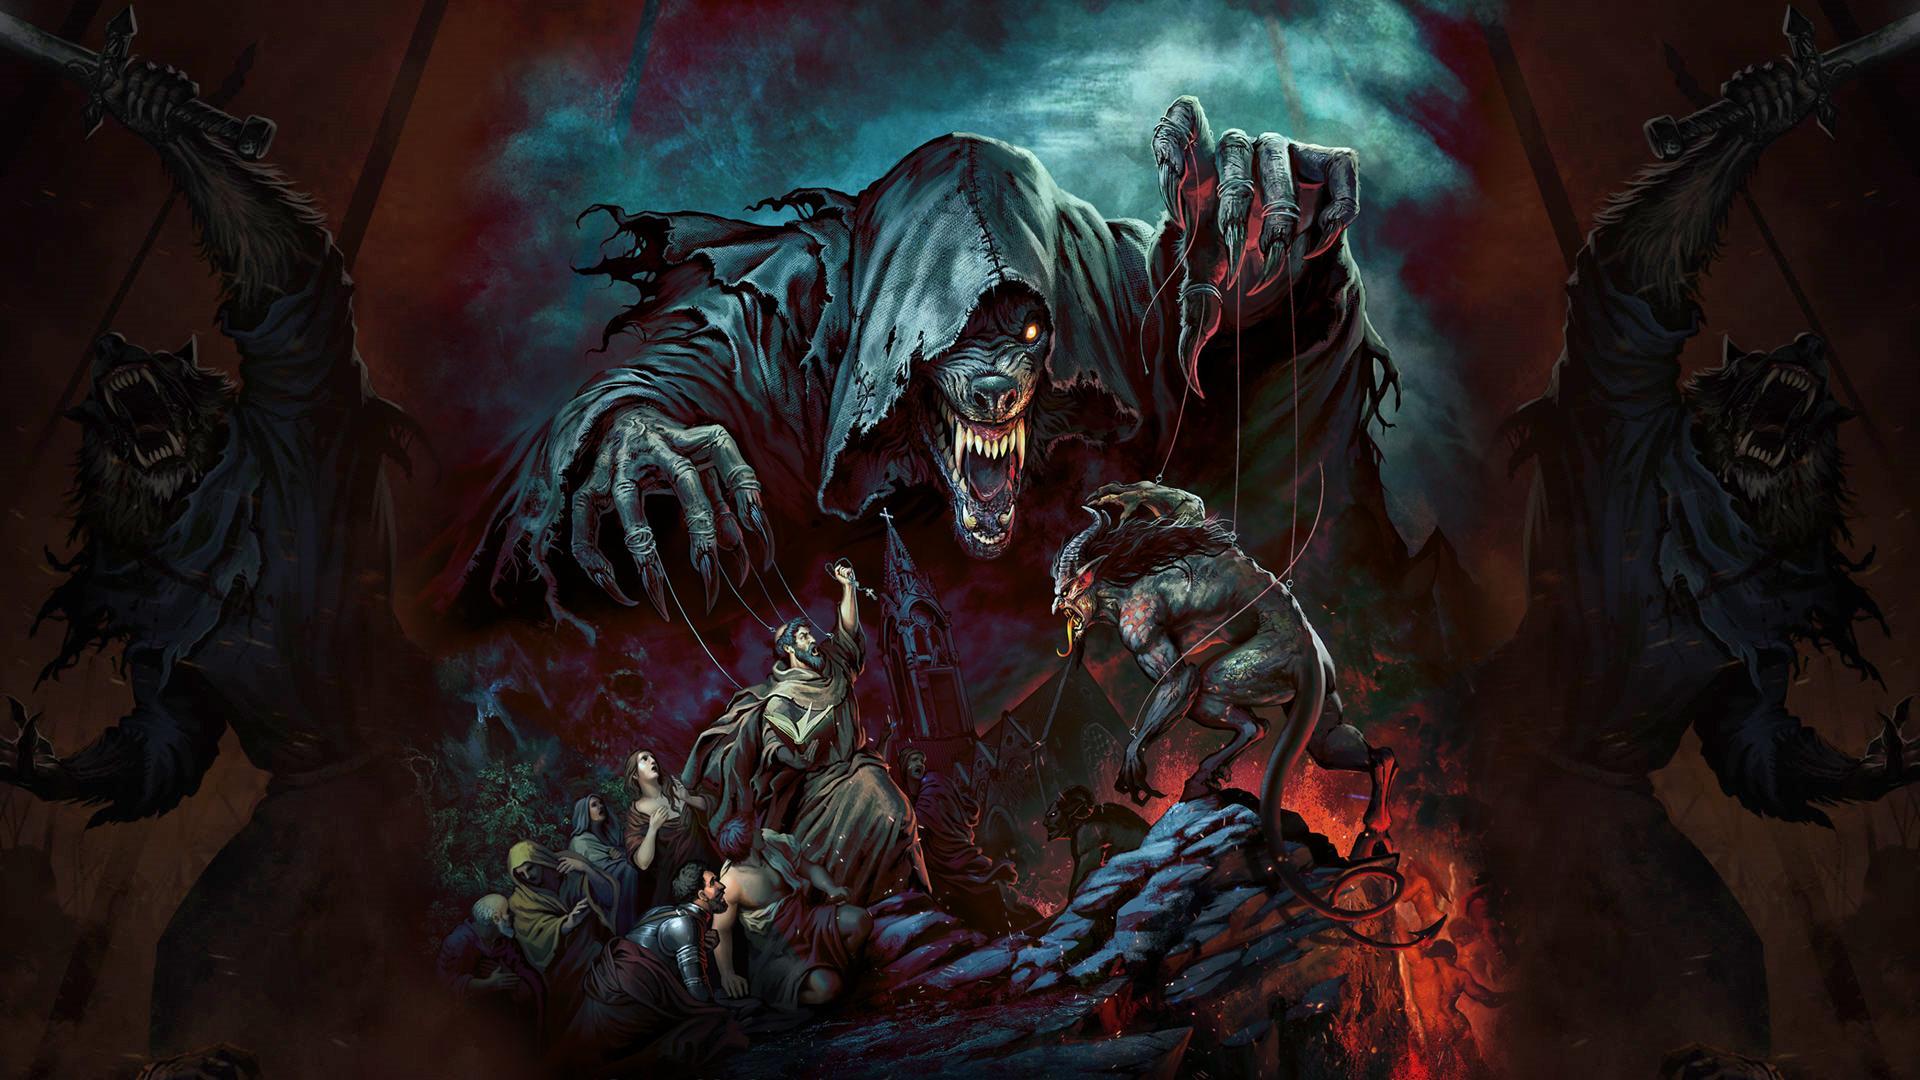 Powerwolf The Sacrament Of Sin Wallpaper By